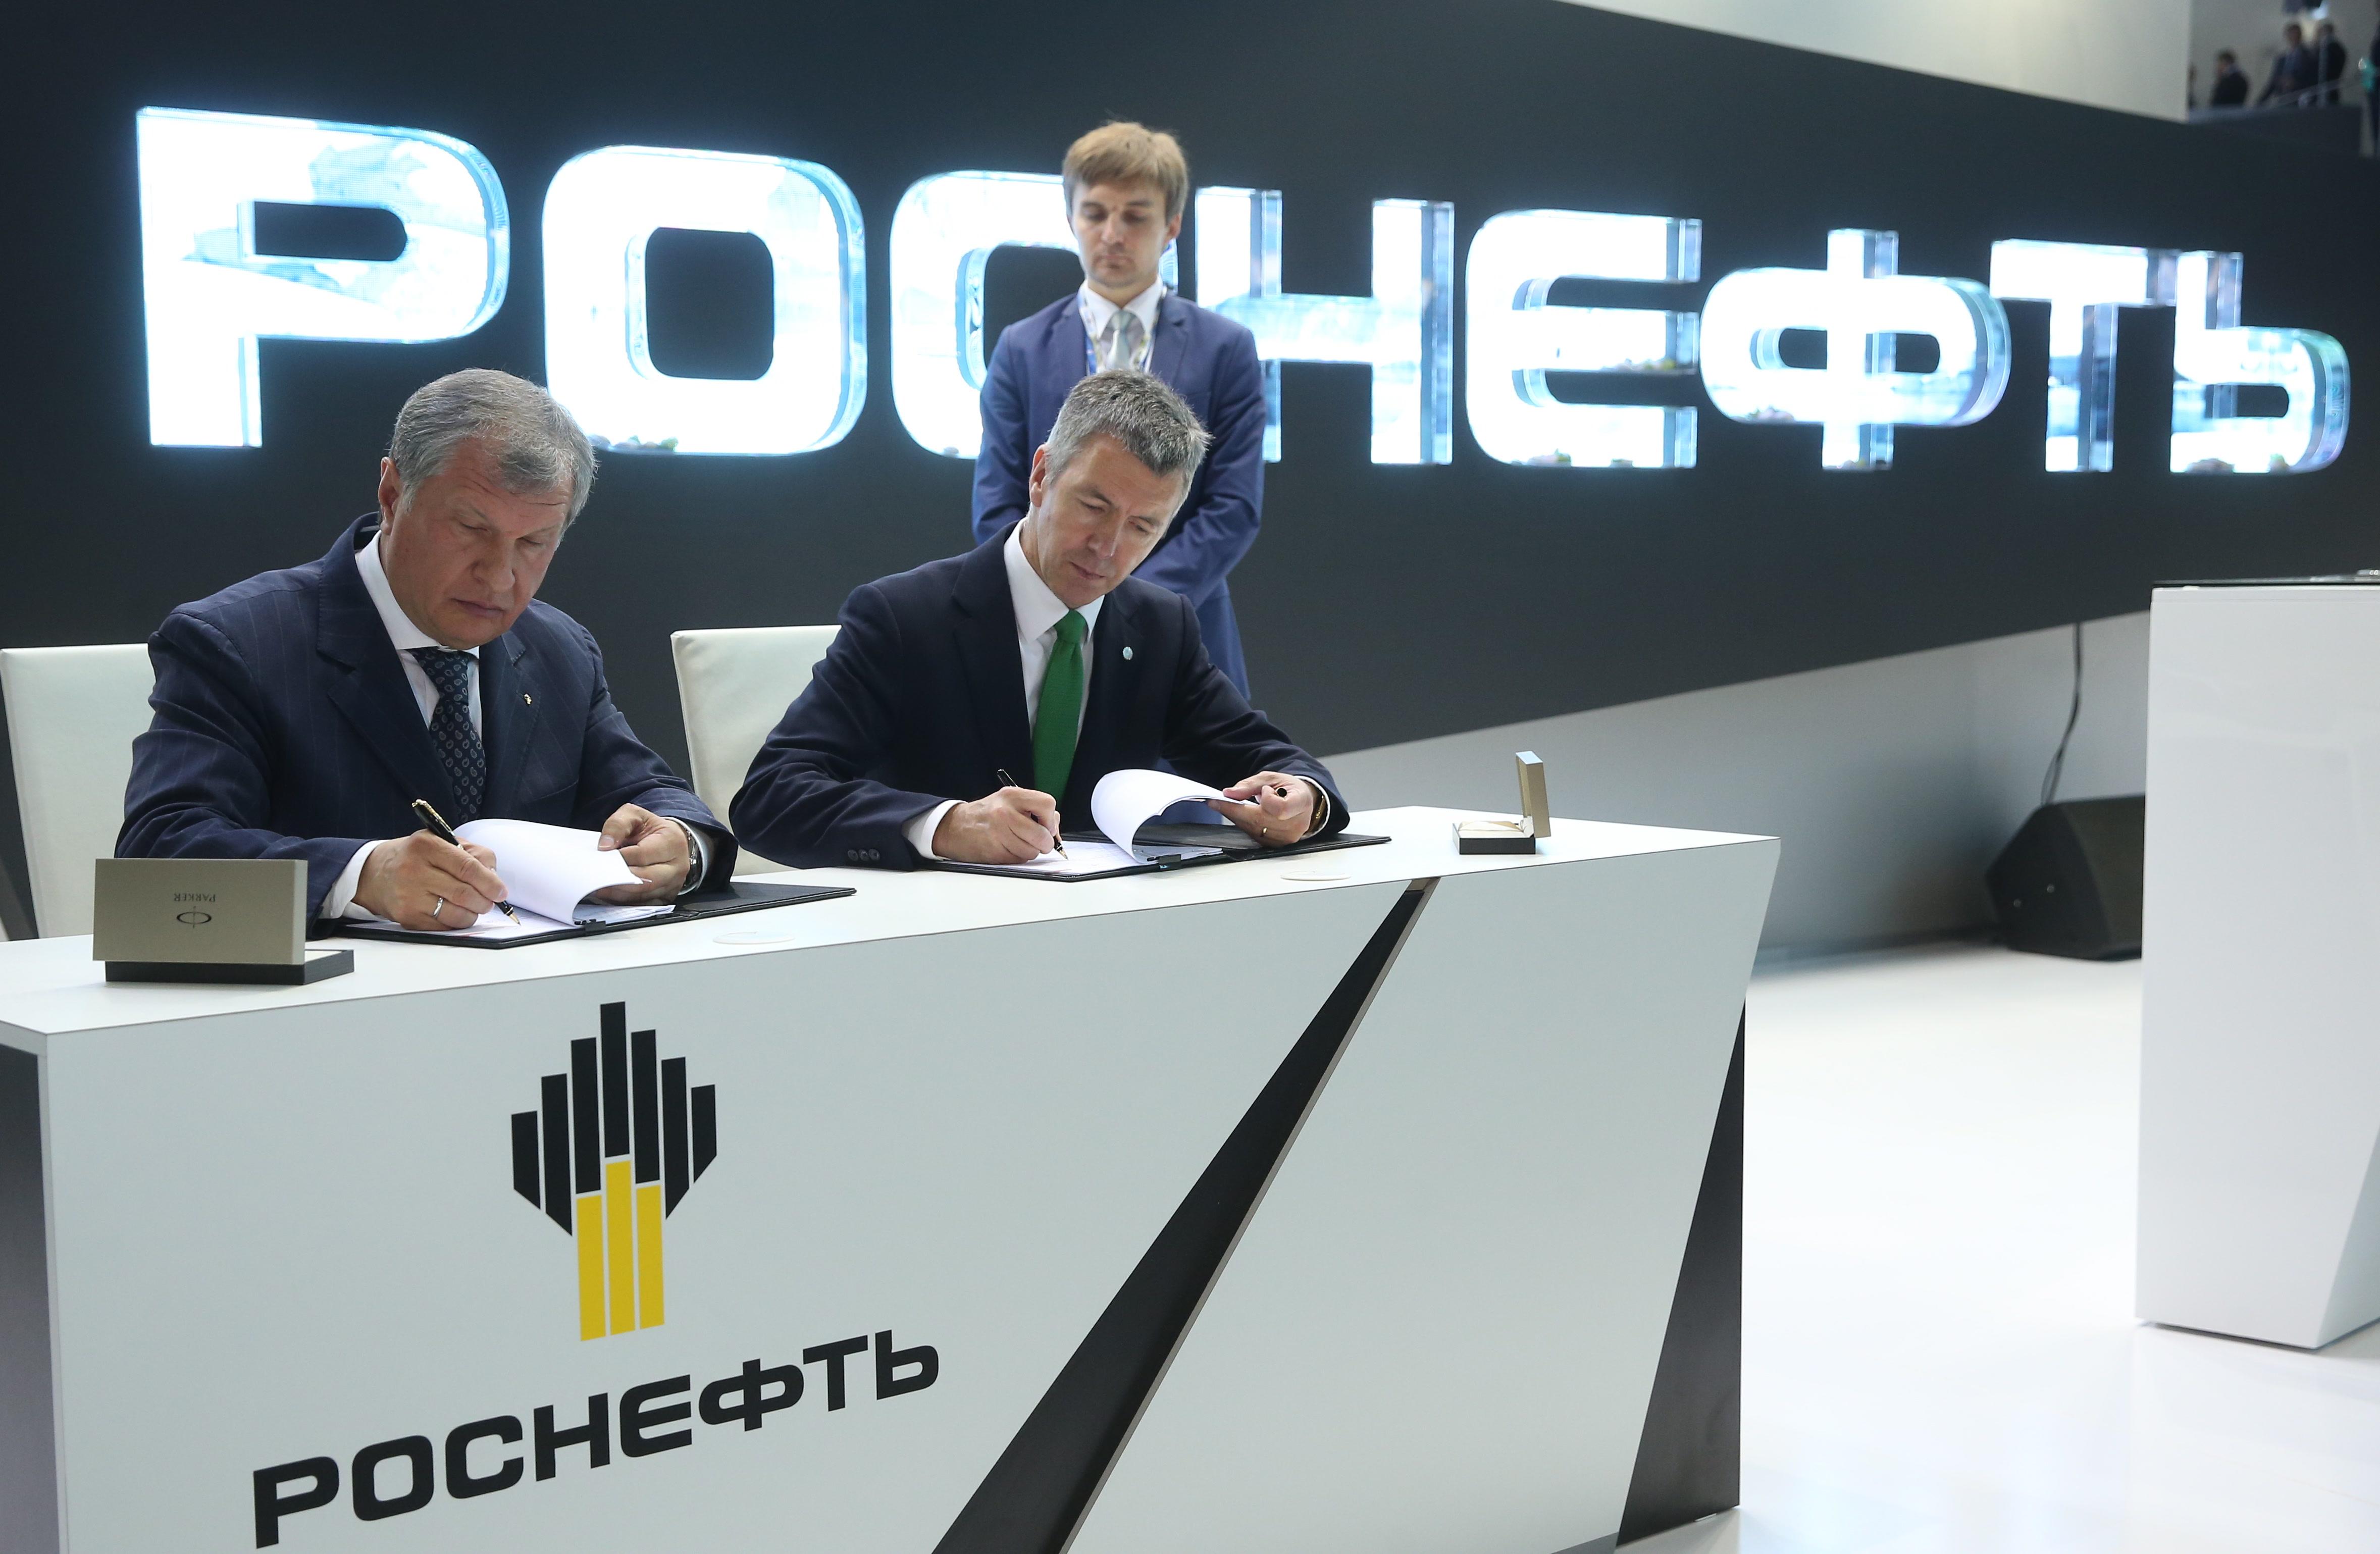 """Този форум ще се запомни със серията от преки контракти и споразумения, главни участници на които бяха """"Газпром"""" и """"Роснефт""""."""